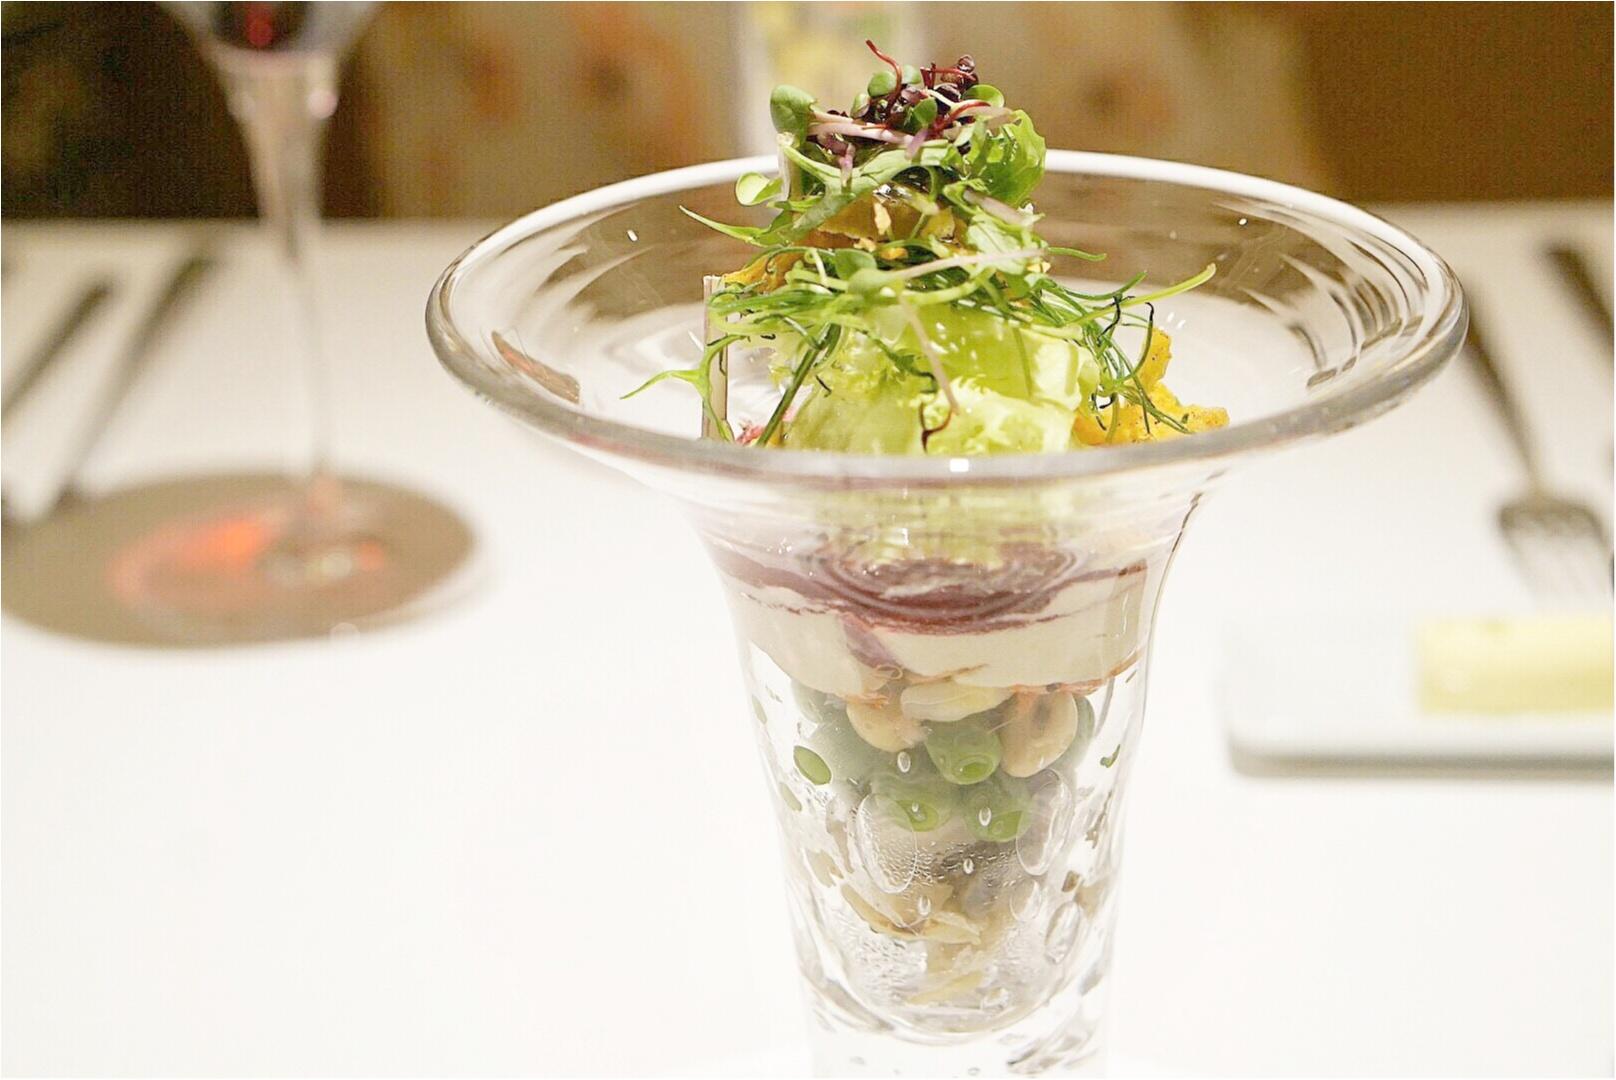 大人気の野菜パフェ&話題の演出デザートも!あのモダンフレンチでお祝いランチをしてきました♡_3